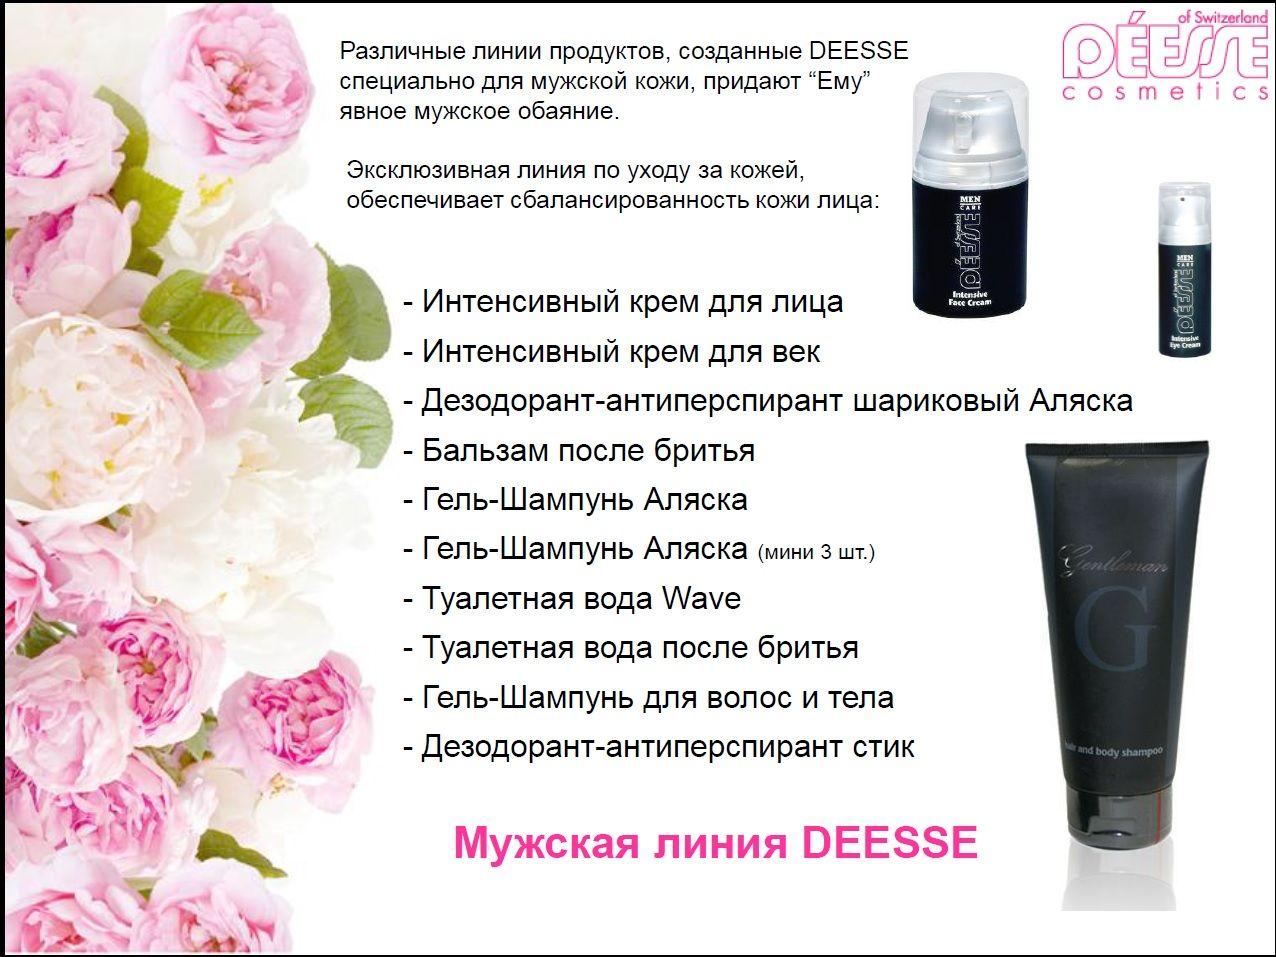 Купить косметику deesse в москве origins косметика купить в минске